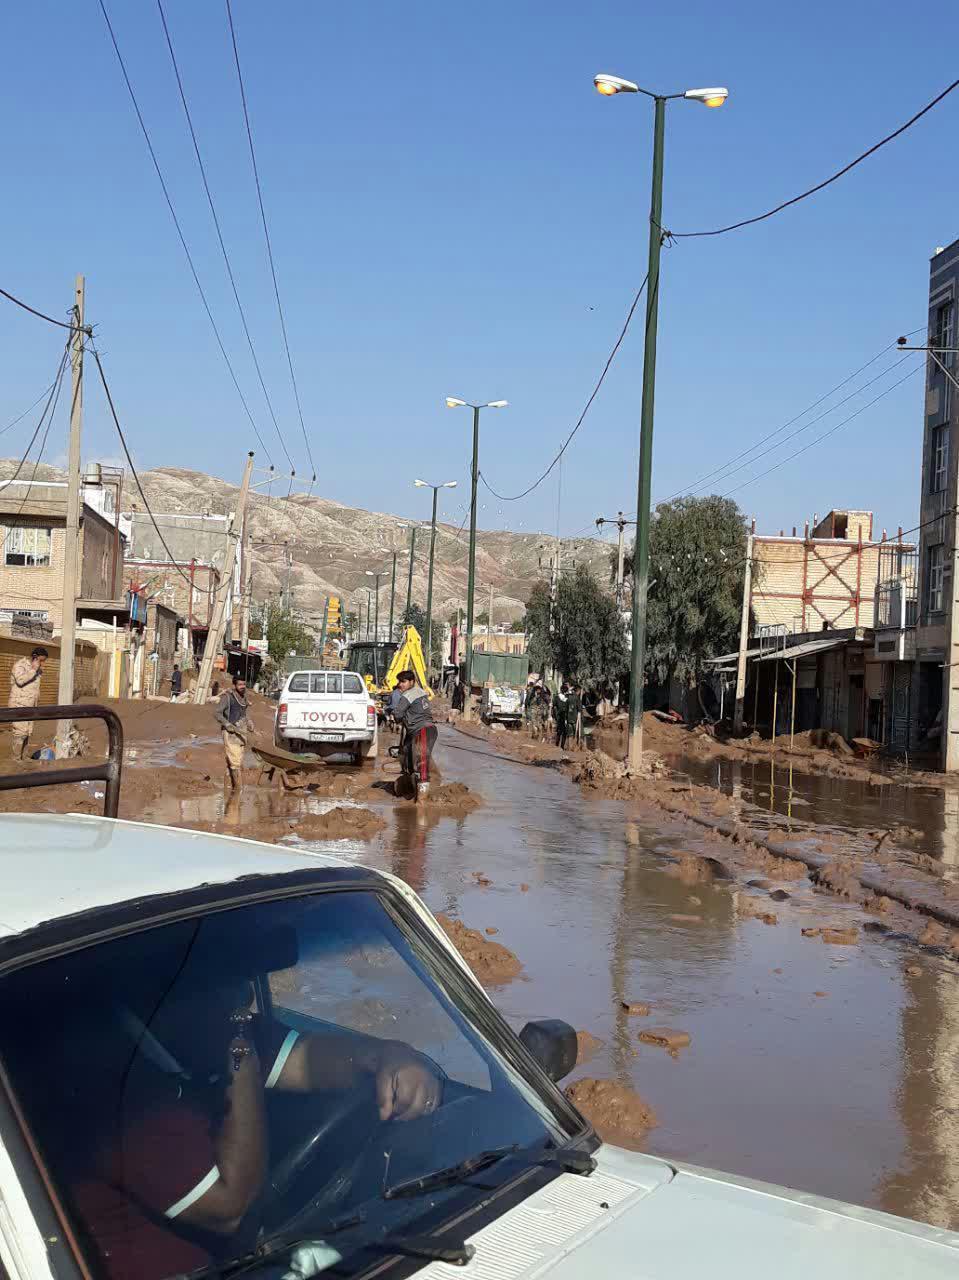 بازگشایی جاده معمولان به خرم آباد توسط سپاه + فیلم